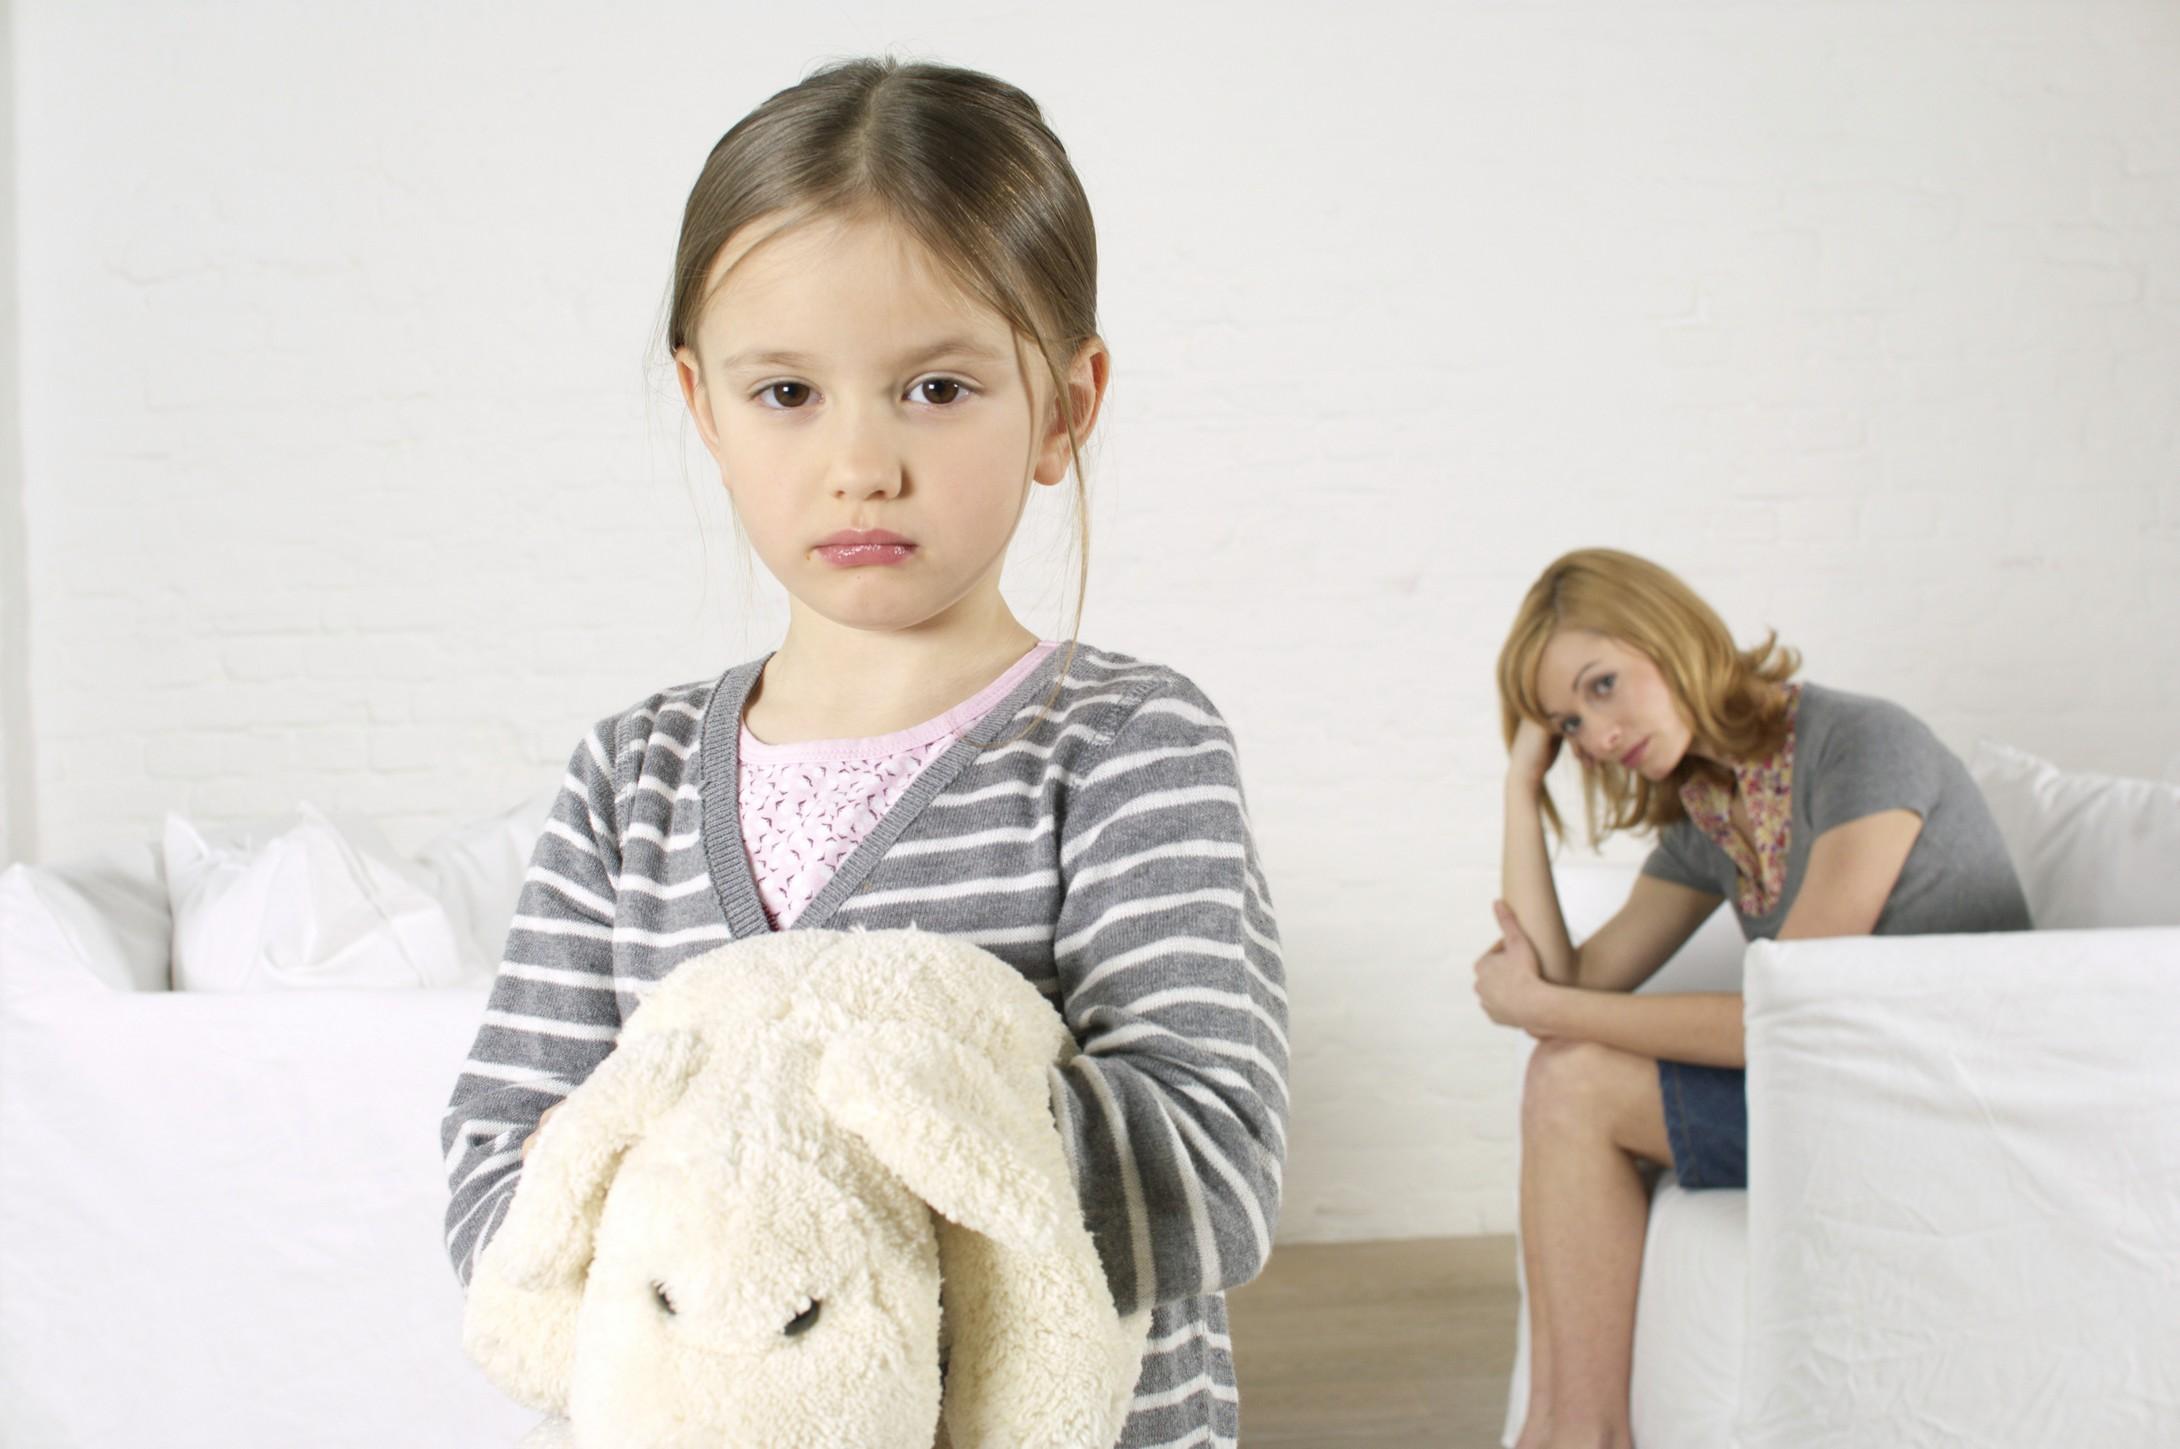 Во время кризиса семи лет родители часто сталкиваются с негативизмом и упрямством